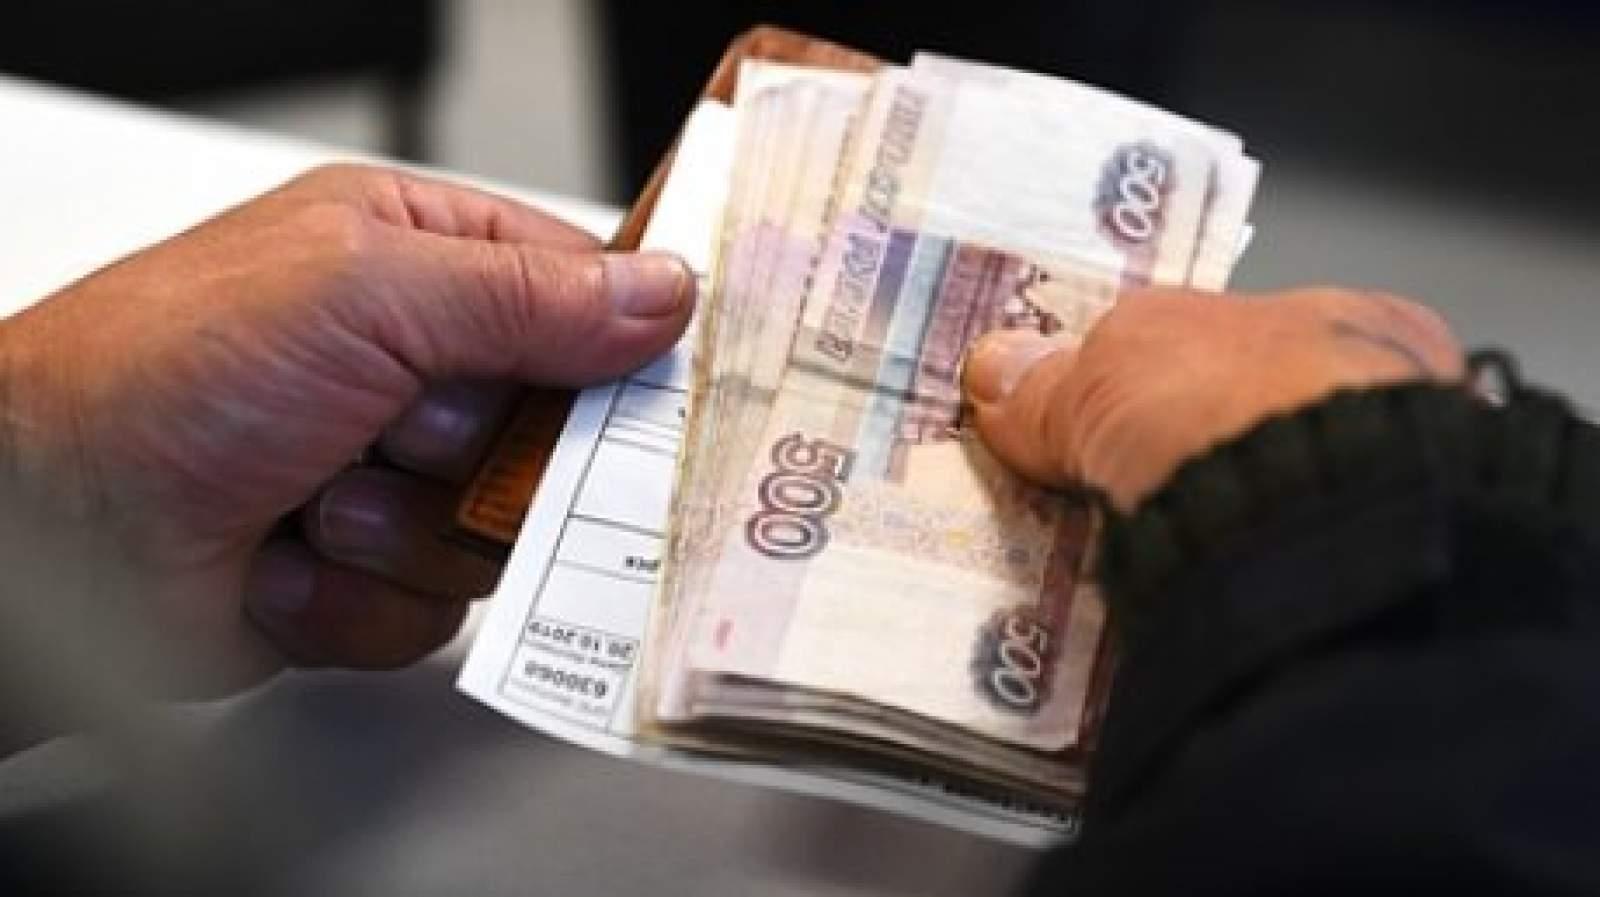 Как получить пенсию жителю донбасса пенсионный фонд воронеж советский район личный кабинет официальный сайт